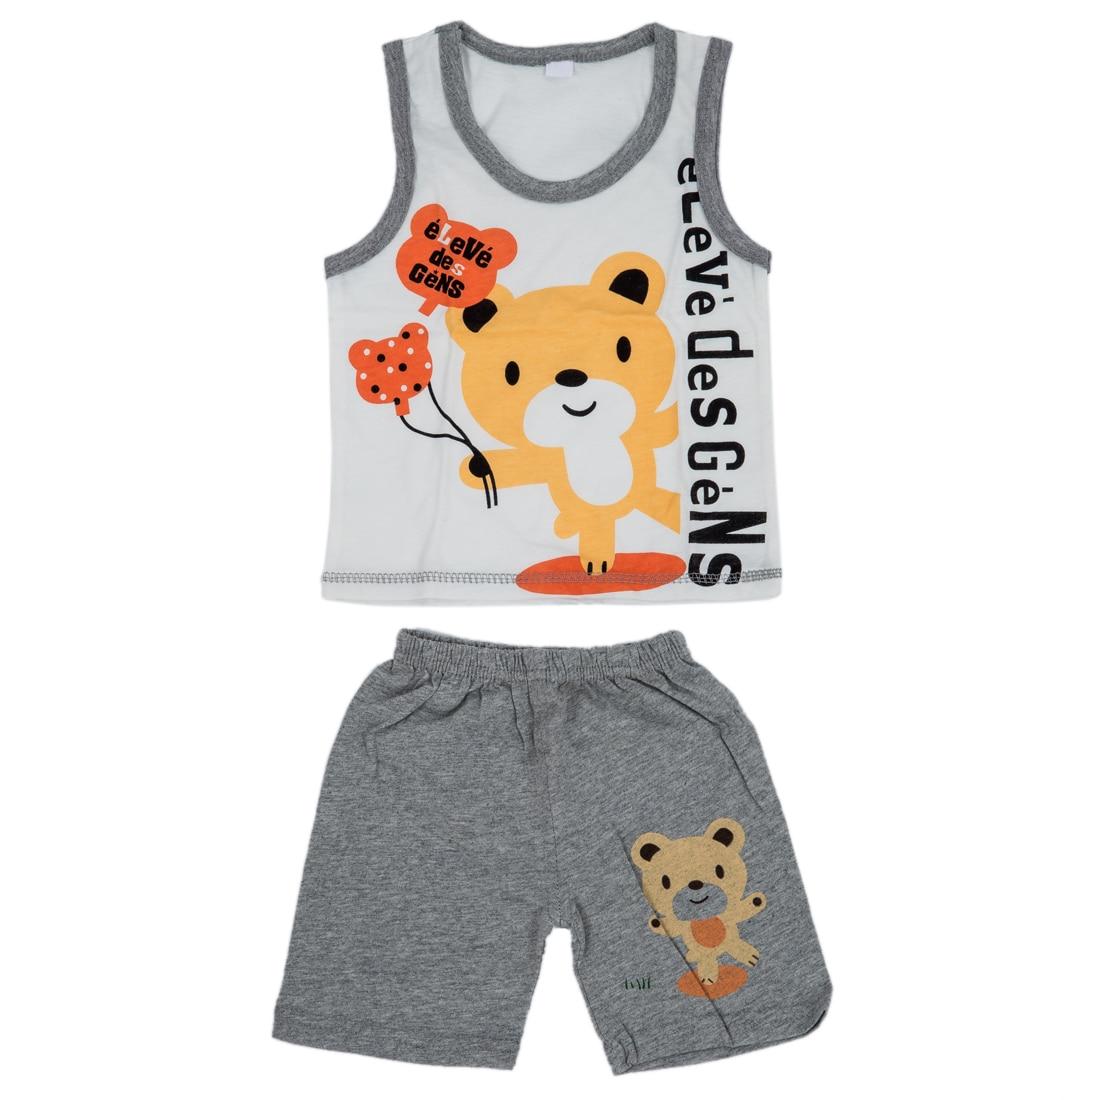 Одежда для малышей комплект, Обувь для девочек Обувь для мальчиков футболка + Брюки для девочек майка Шорты для женщин, дети пижамы набор, де...